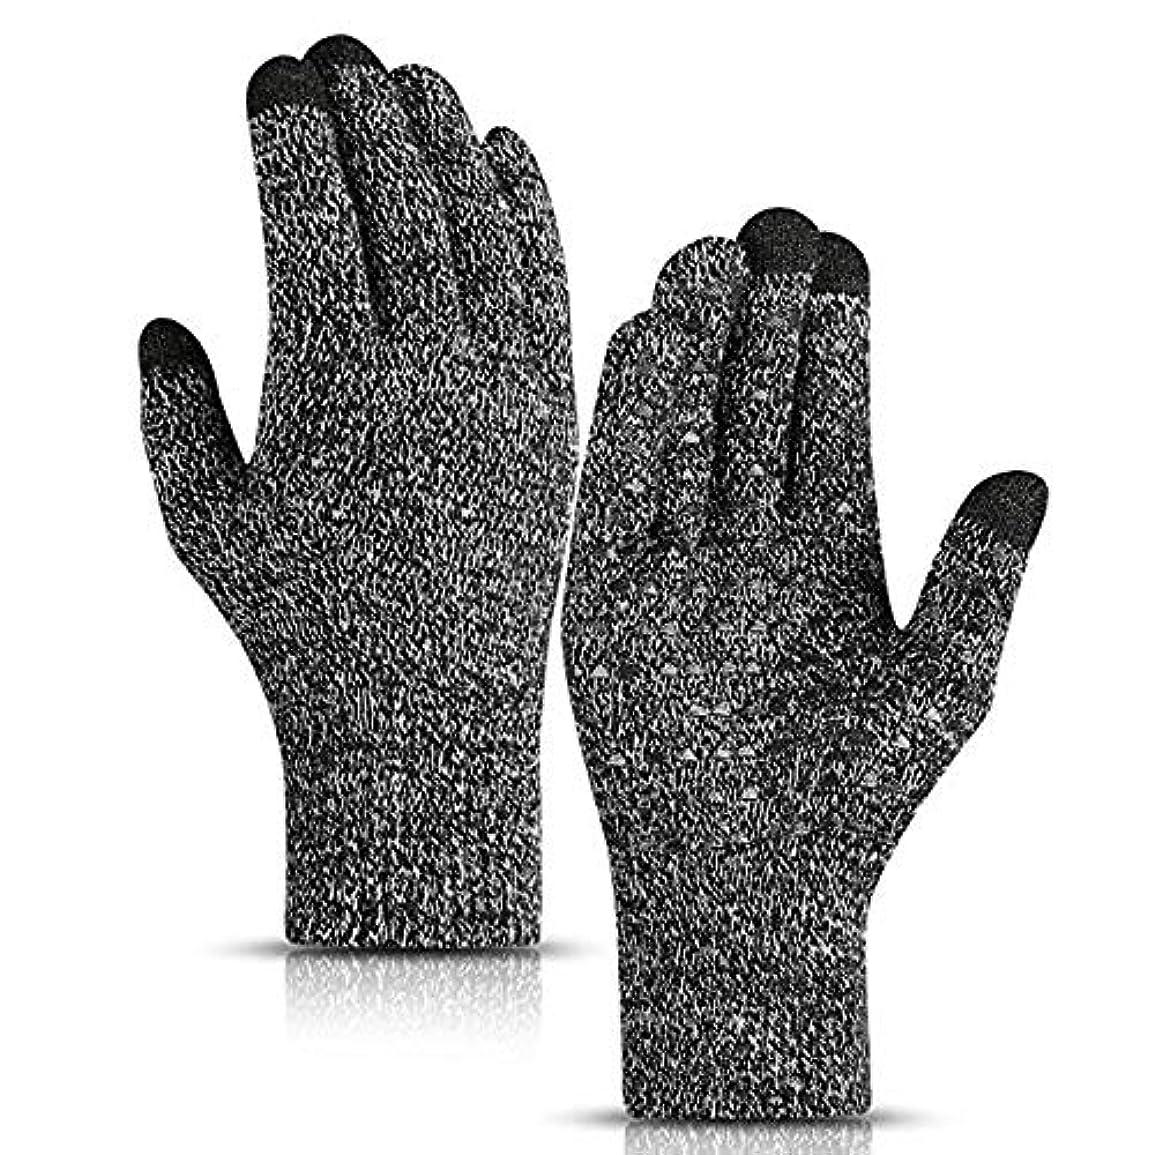 ジレンマ前進統計男性と女性のための冬の手袋 - サーマルソフトウールライニング-Stretchy素材ニット - タッチスクリーンアンチスリップシリコーンゲル - 伸縮性カフ